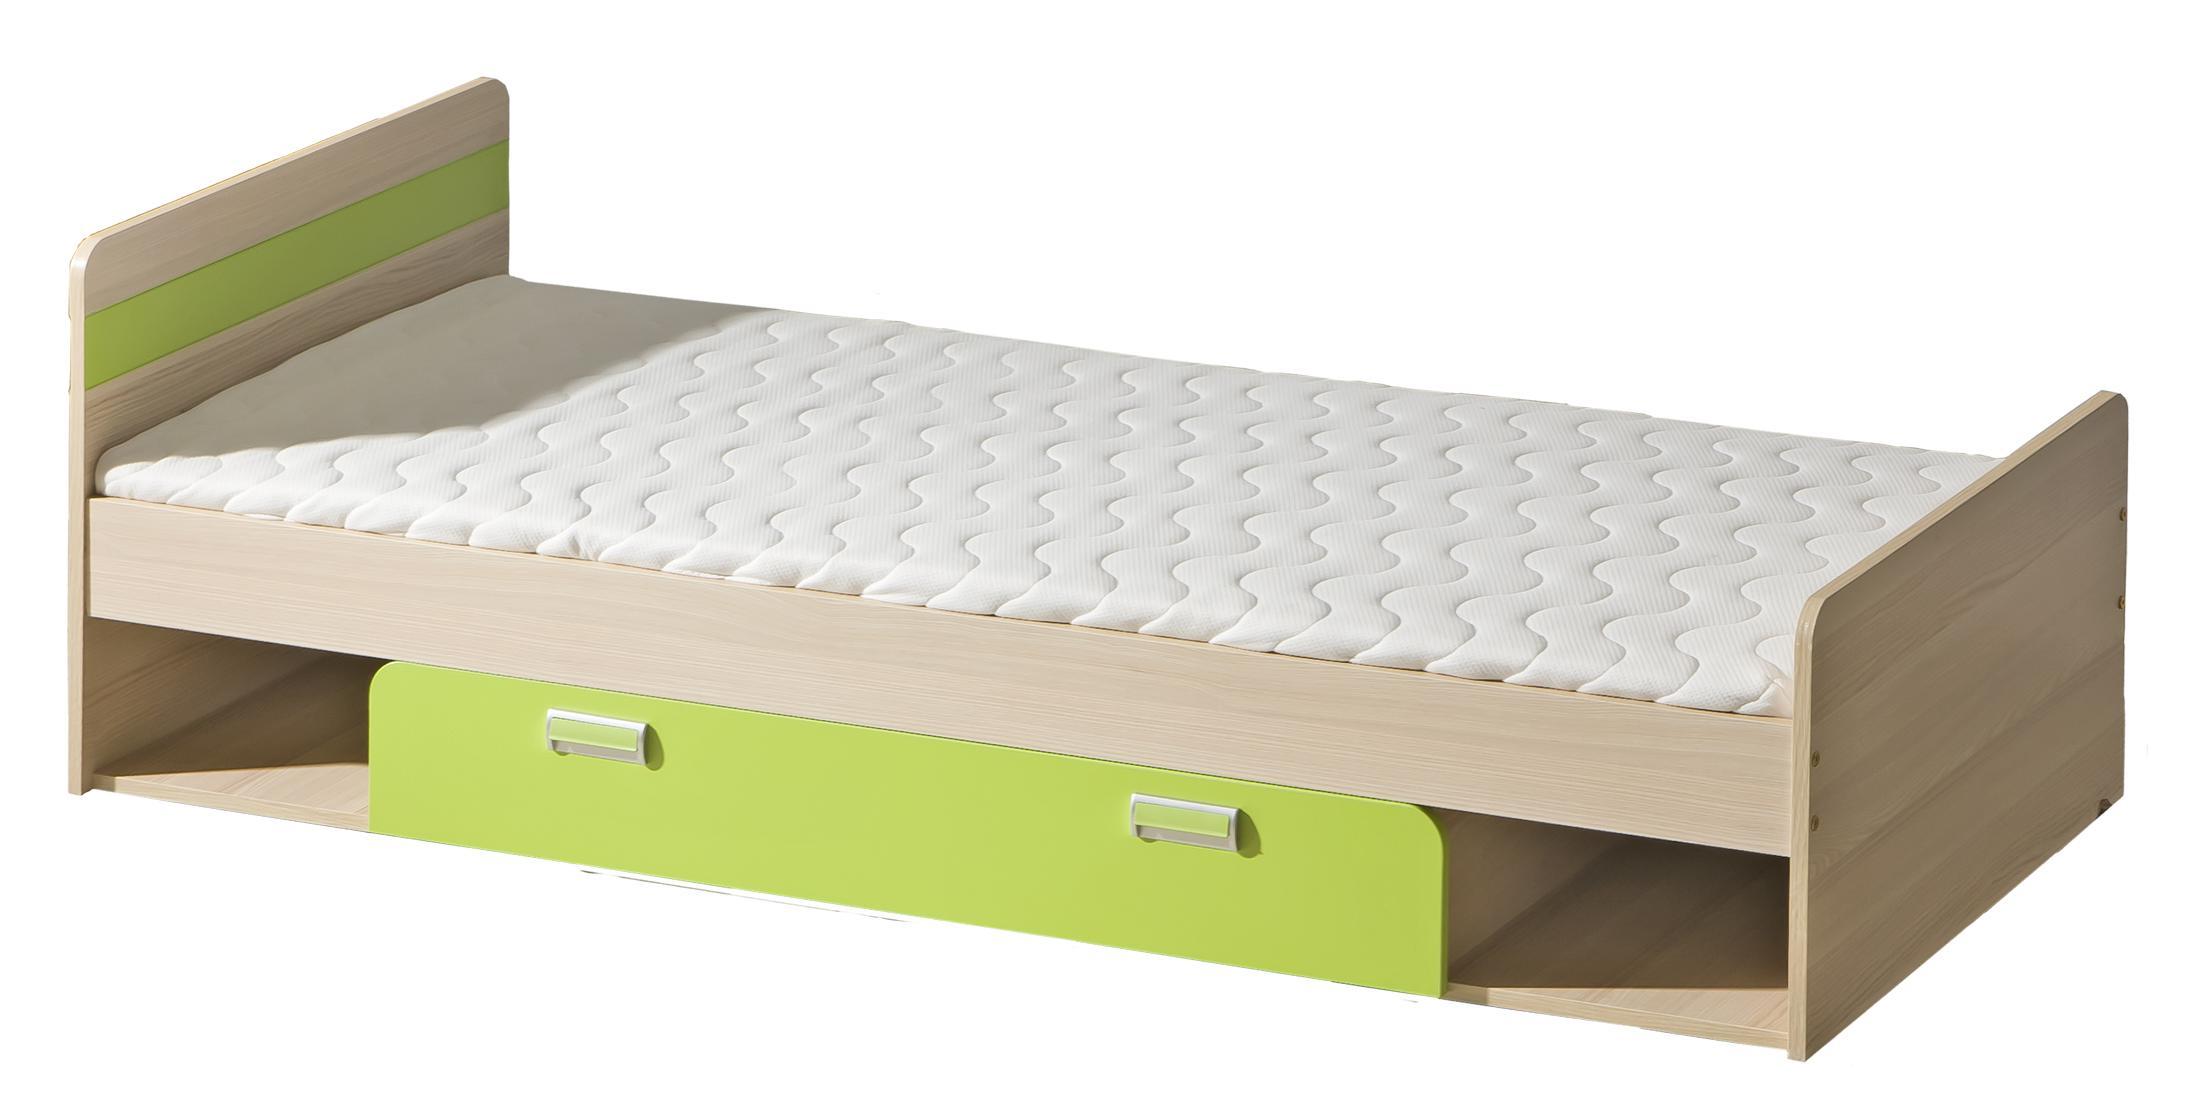 Jednolůžková postel 80 cm - Lavendon - L13 (s roštem) (zelená)